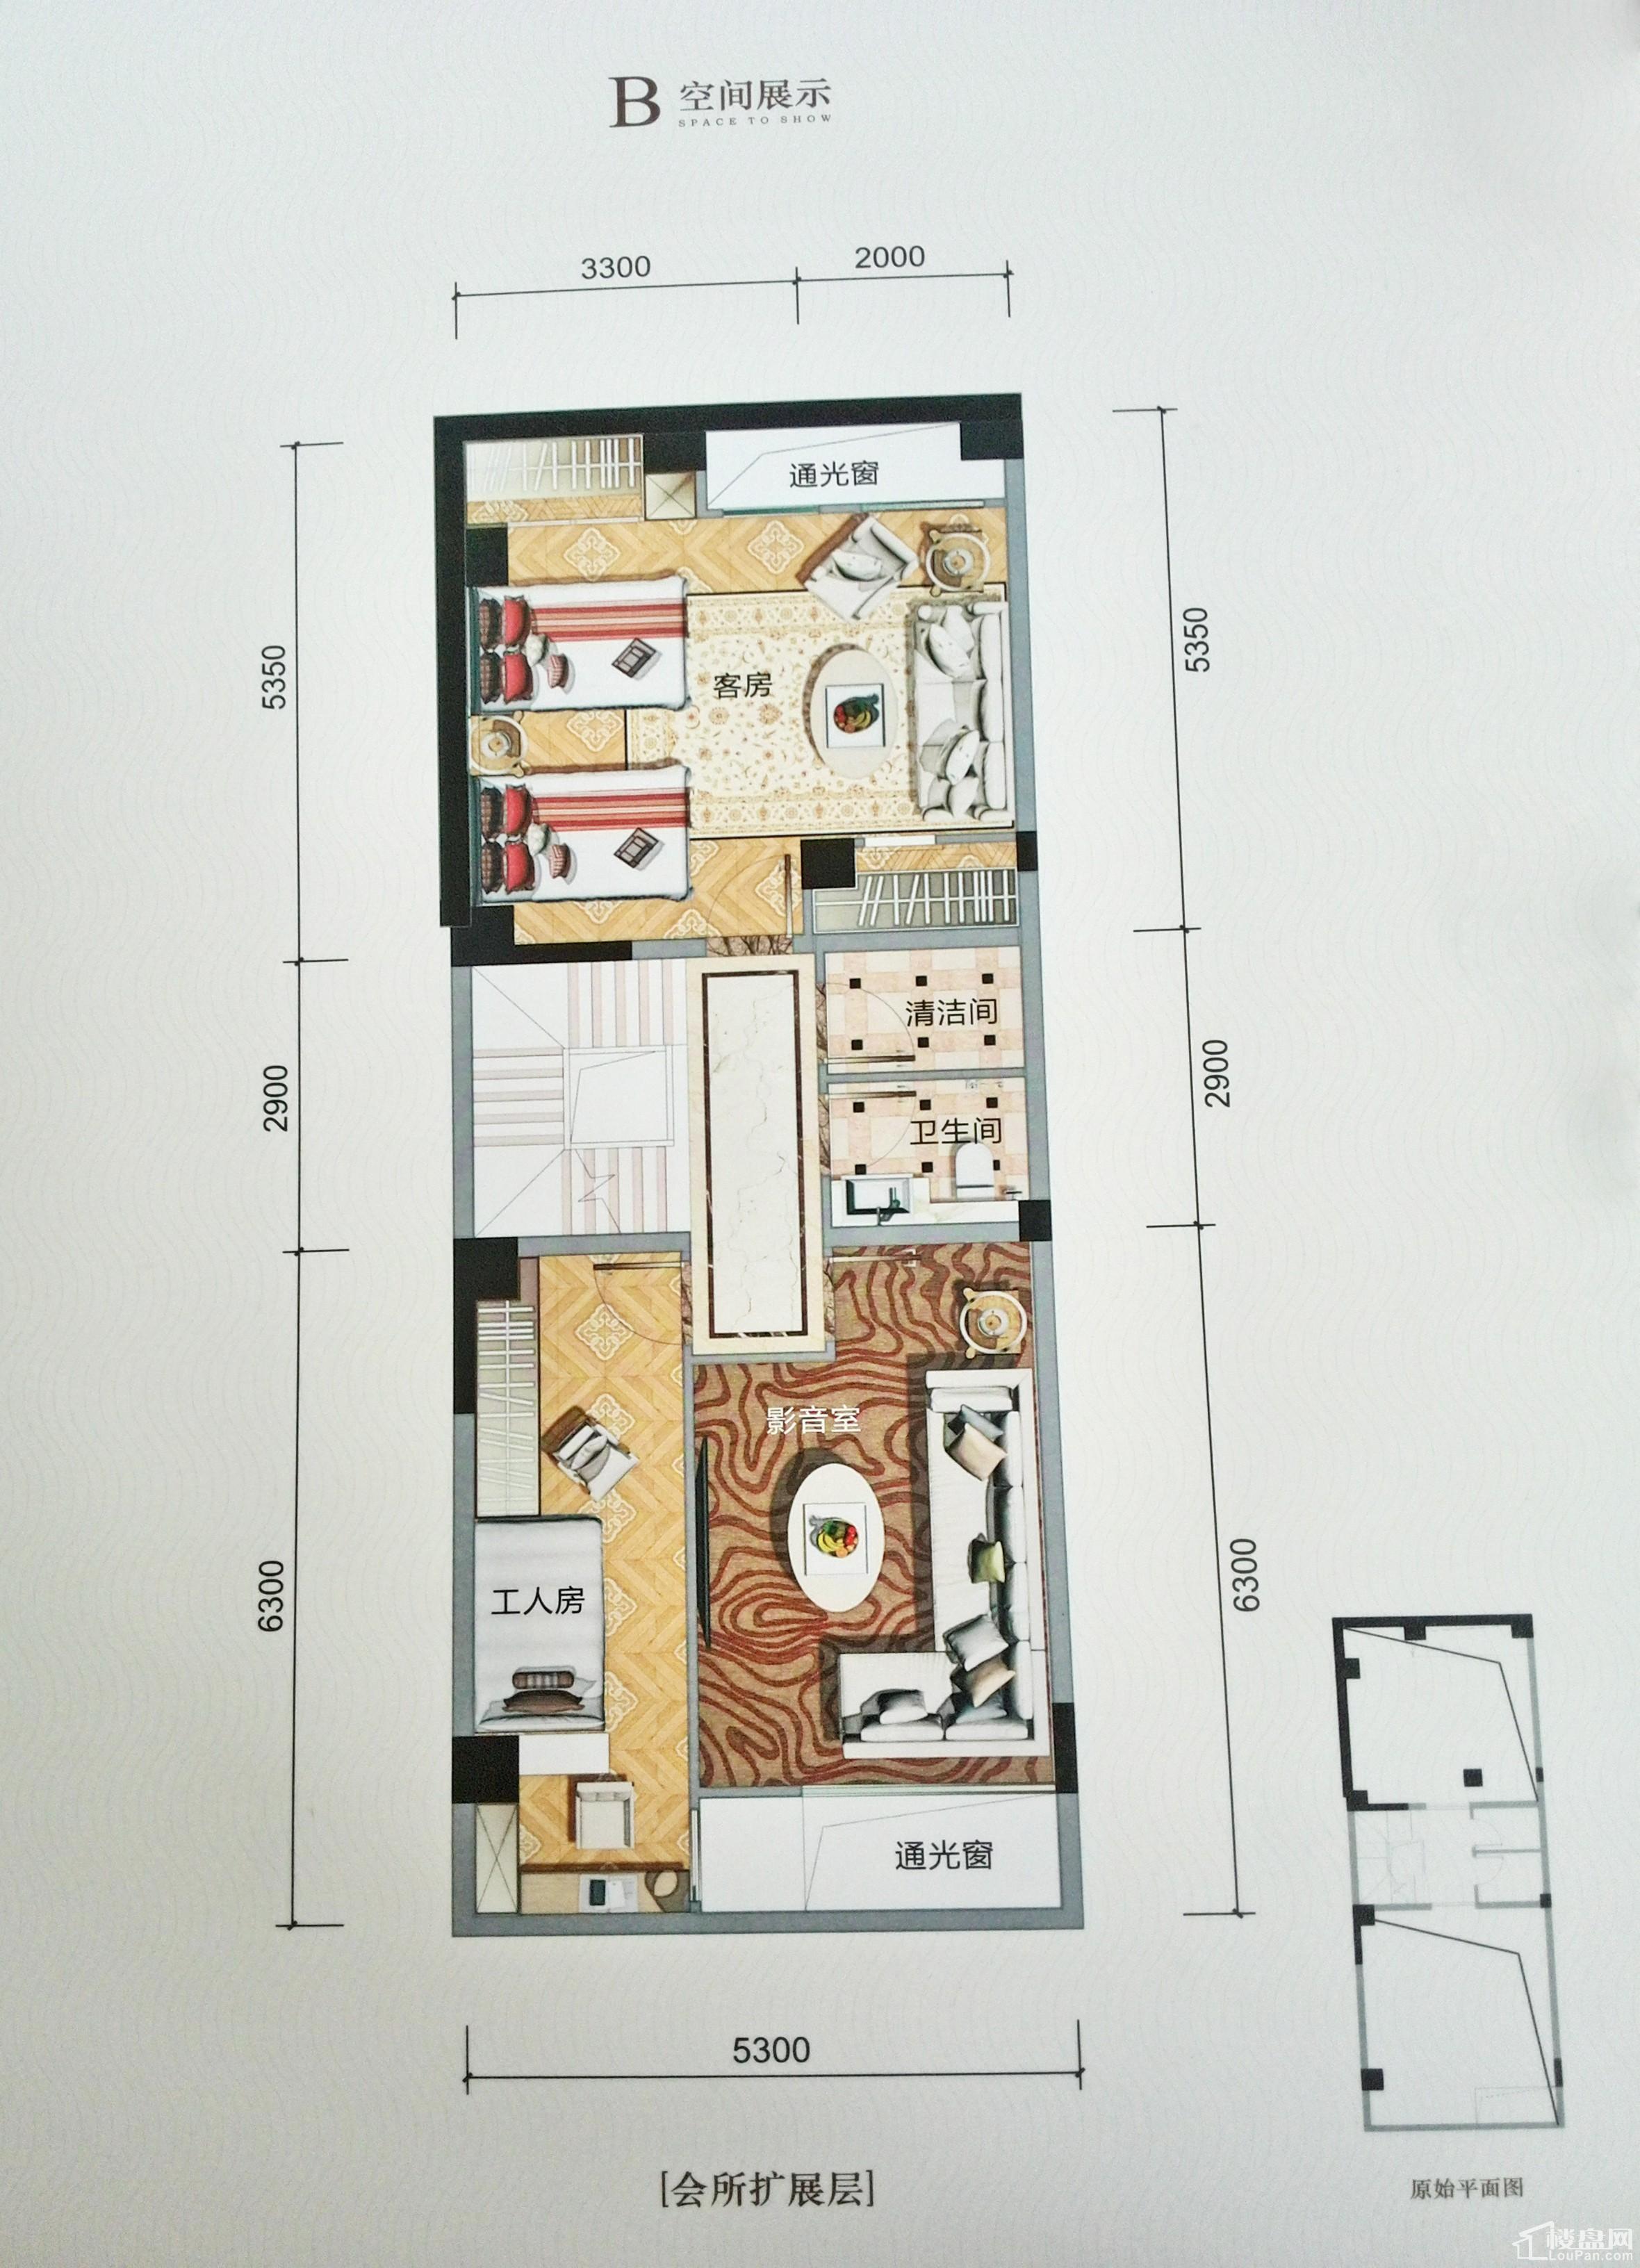 英郦庄园桥郡B会所扩展层户型图